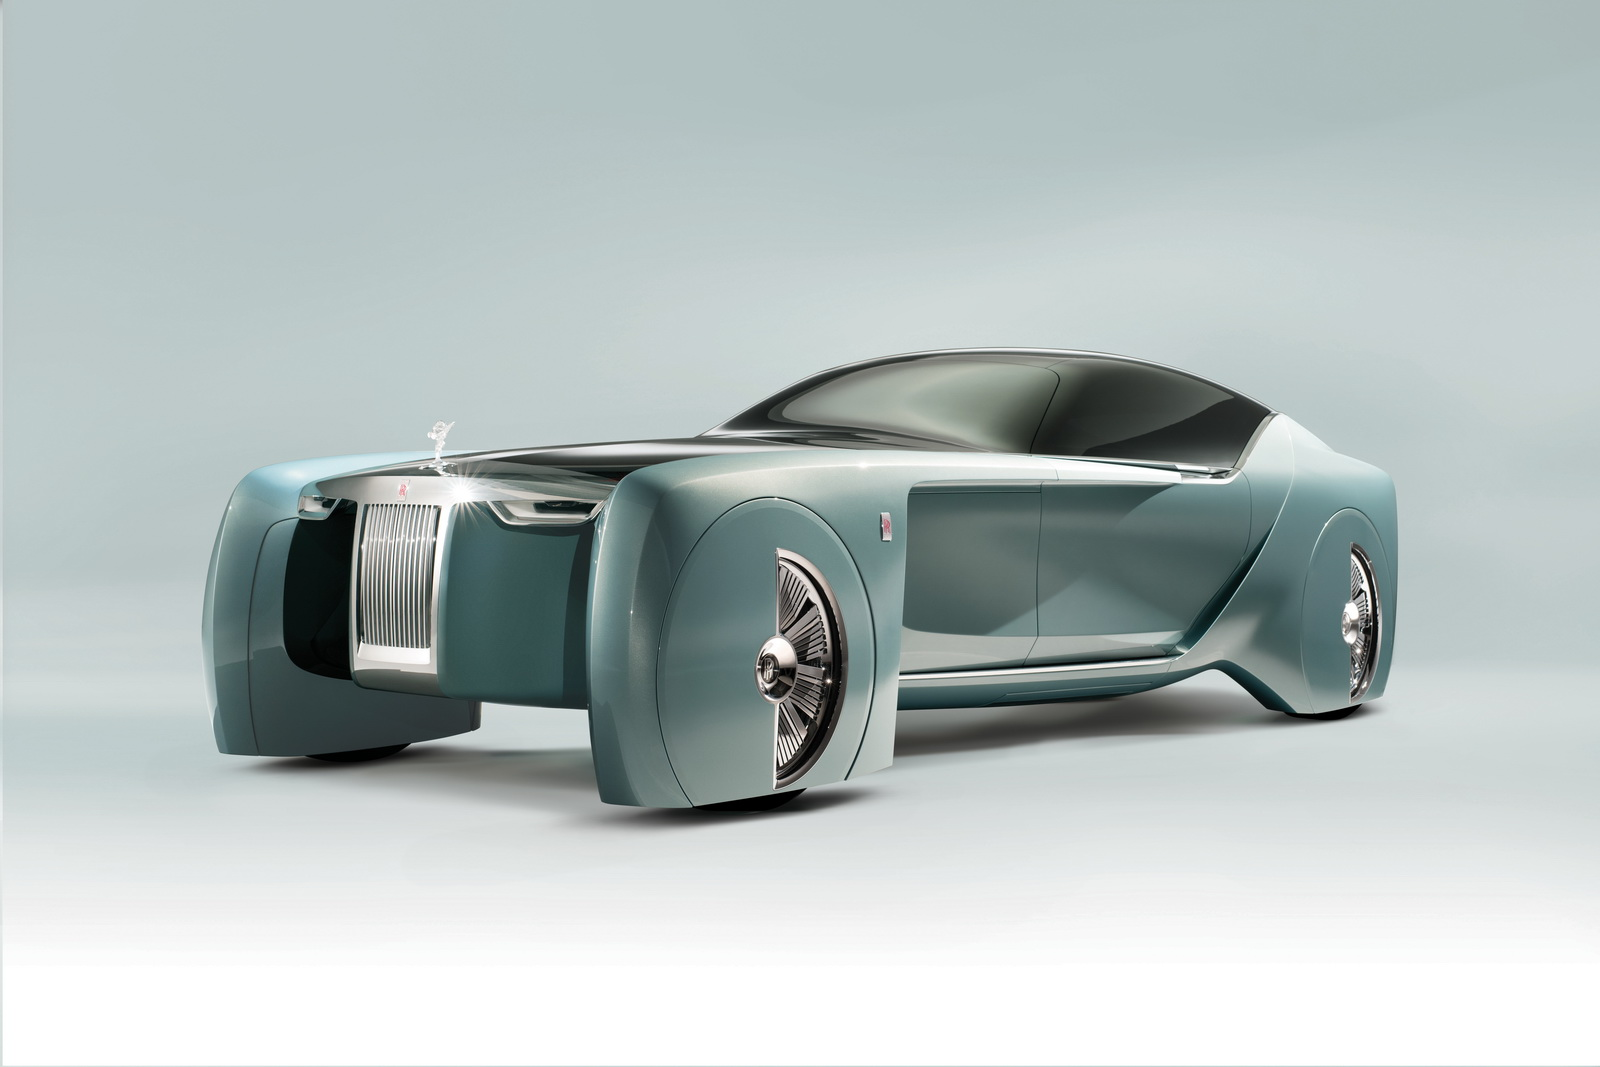 劳斯莱斯的首款全自动电动汽车 103EX概念车